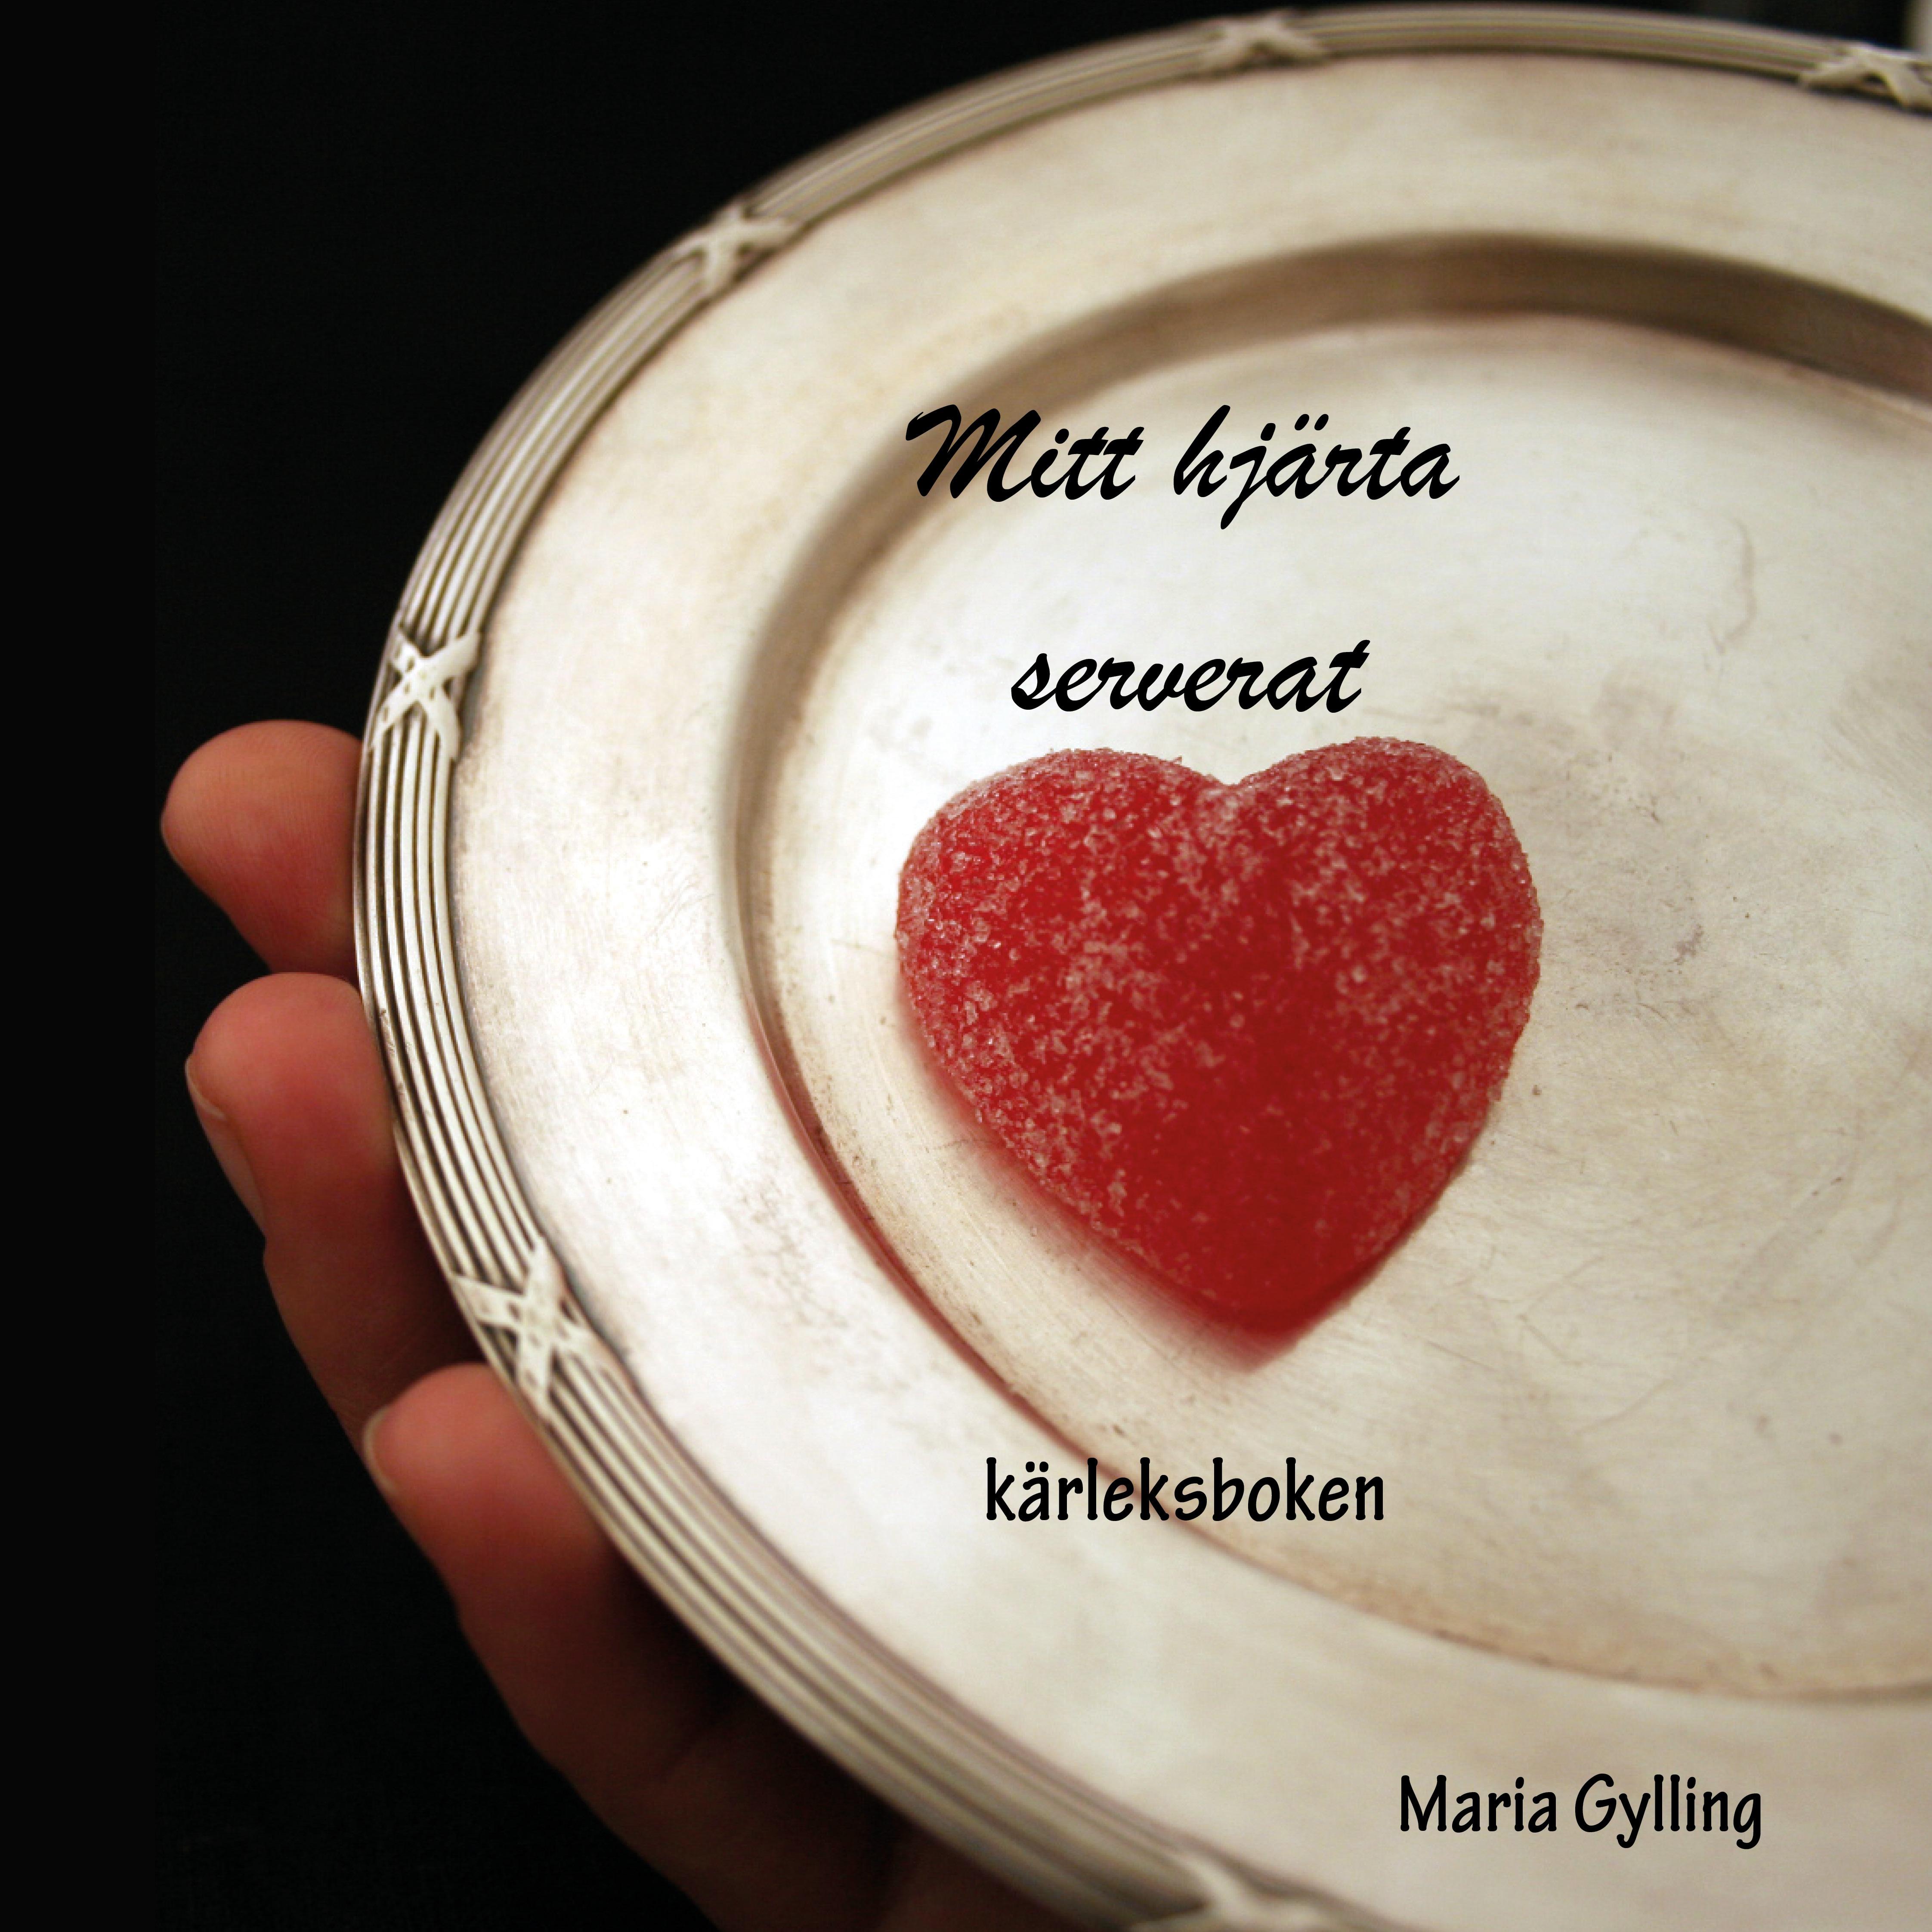 Mitt Hjärta serverat av Maria Gylling